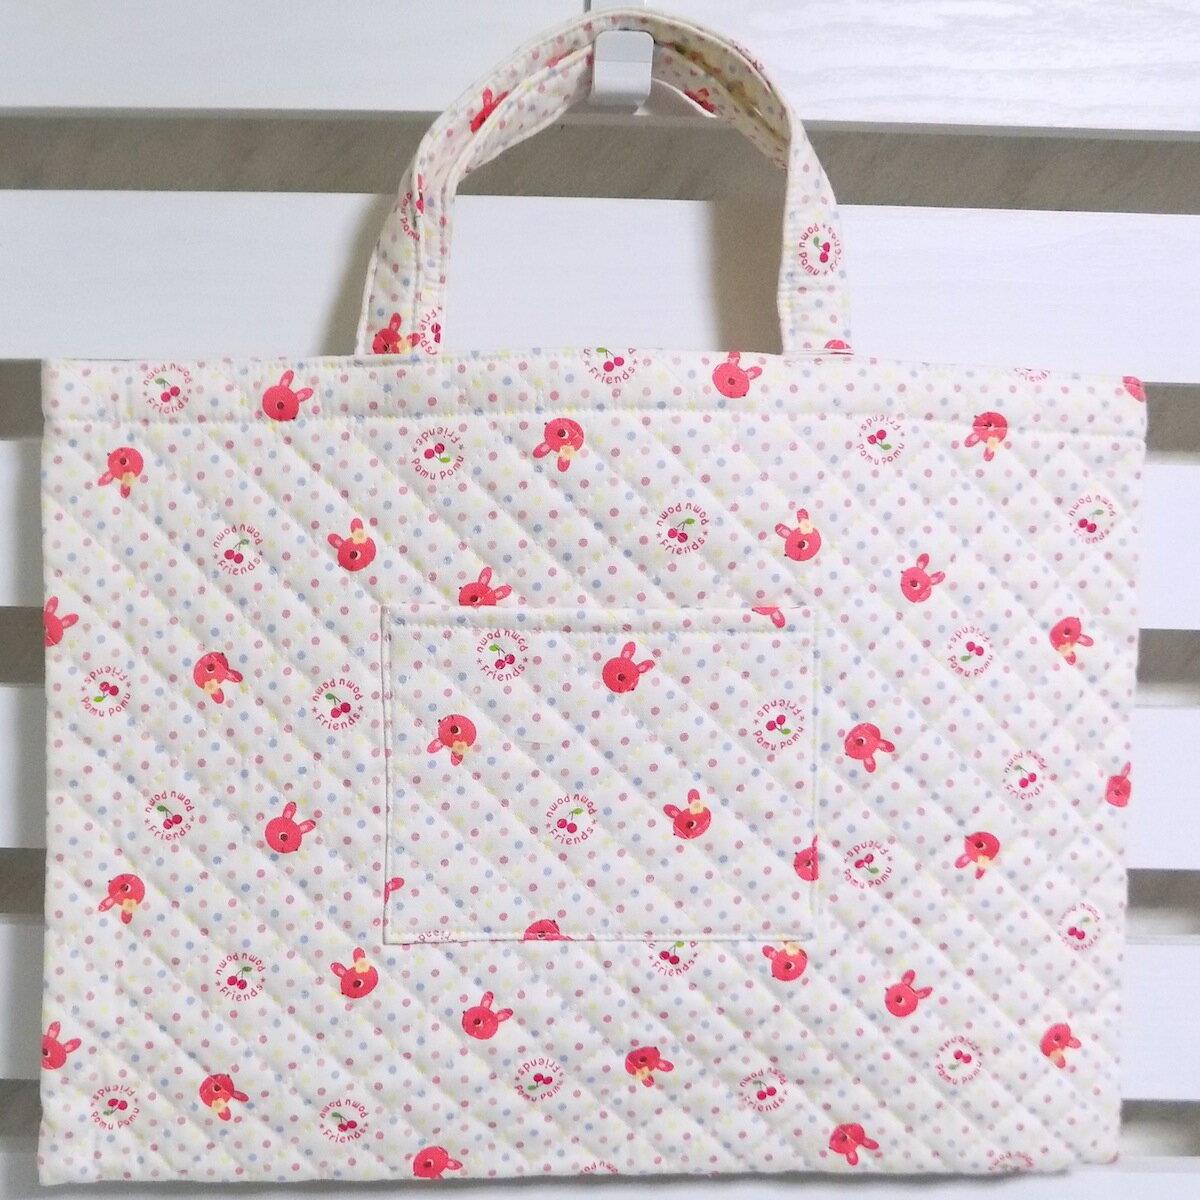 通園バッグ・通学バッグ・子供用・キルト・手さげバッグ・レッスンバッグ・おけいこバッグ・ウサギ・白色(きなり)・ピンク色